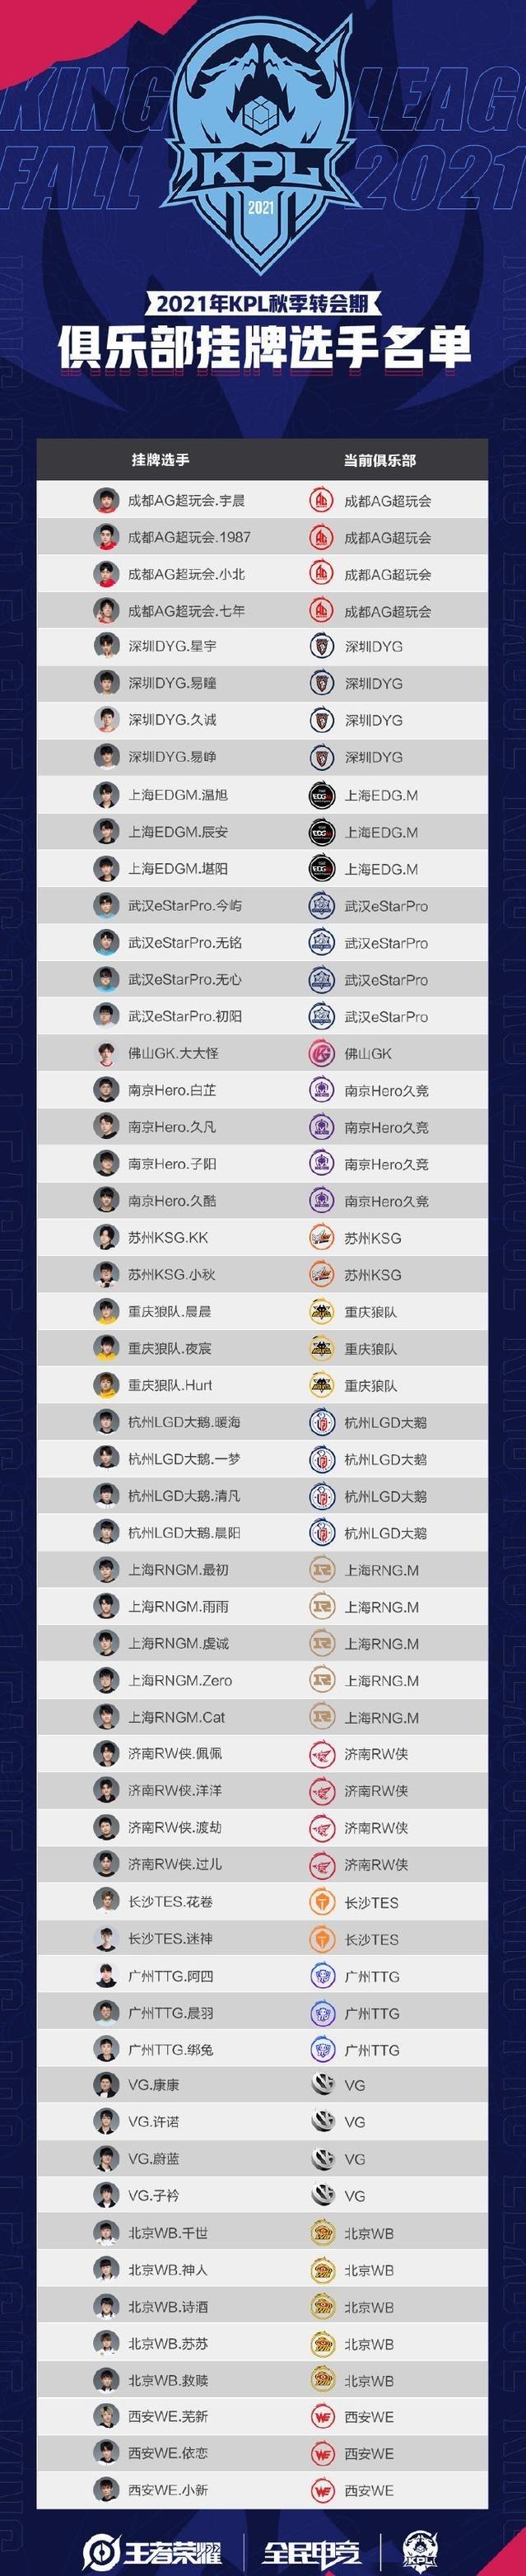 KPL秋季挂牌选手_王者荣耀KPL2021秋季挂牌名单一览